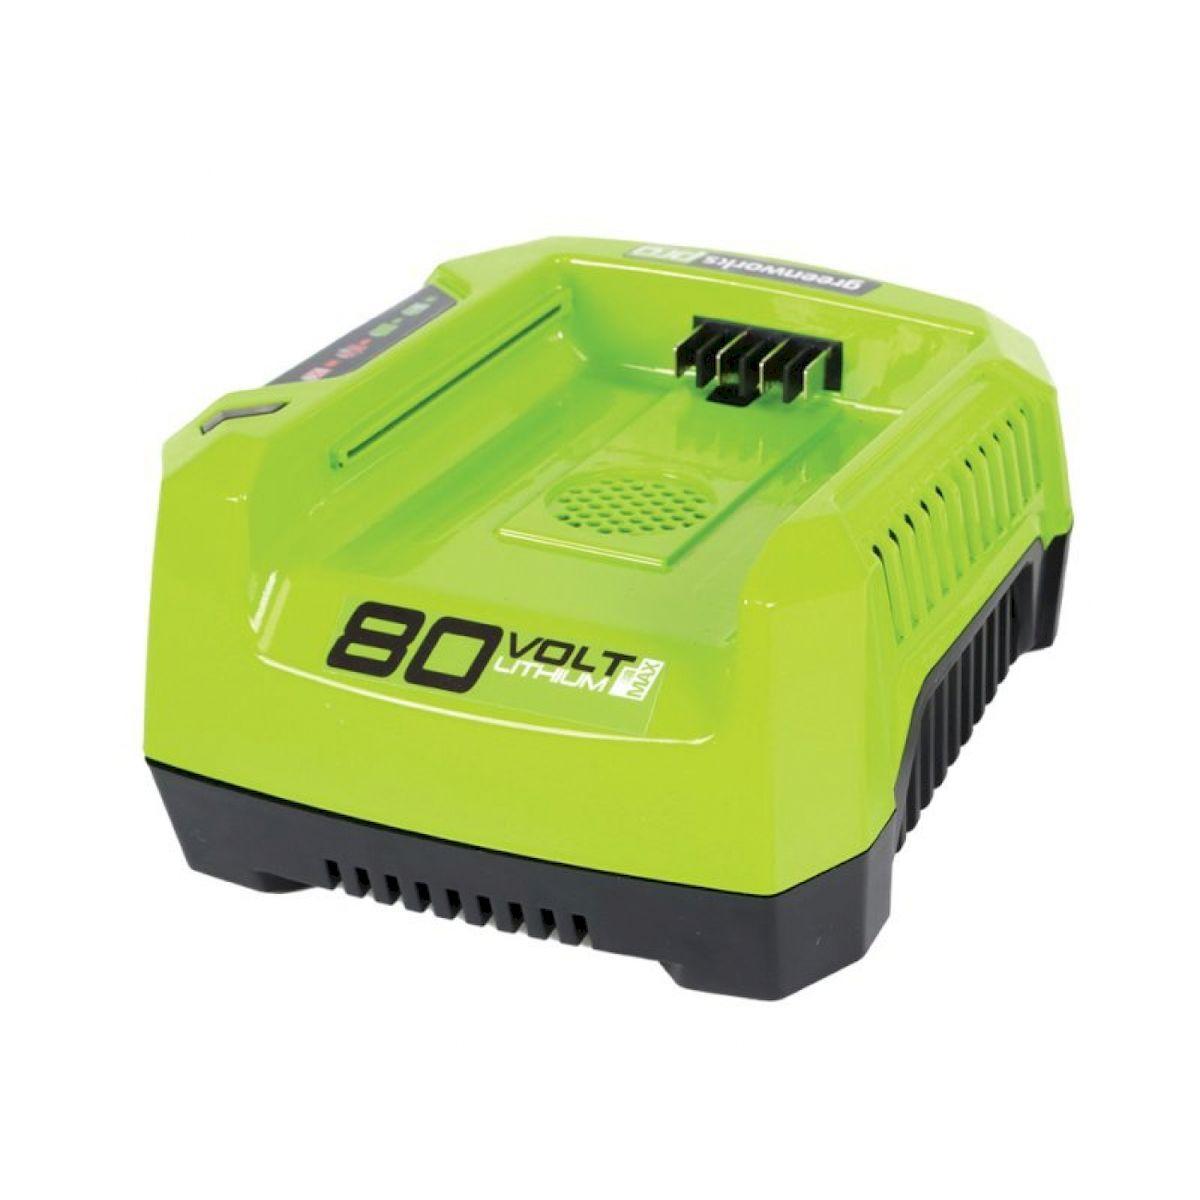 Зарядное устройство GreenWorks 80В2902507Уникальная сверхмощная аккумуляторная система 80В 80V PRO Питание 220 В Время зарядки аккумулятора 80В 2 А/ч 28 мин Время зарядки аккумулятора 80В 4 А/ч 56 мин